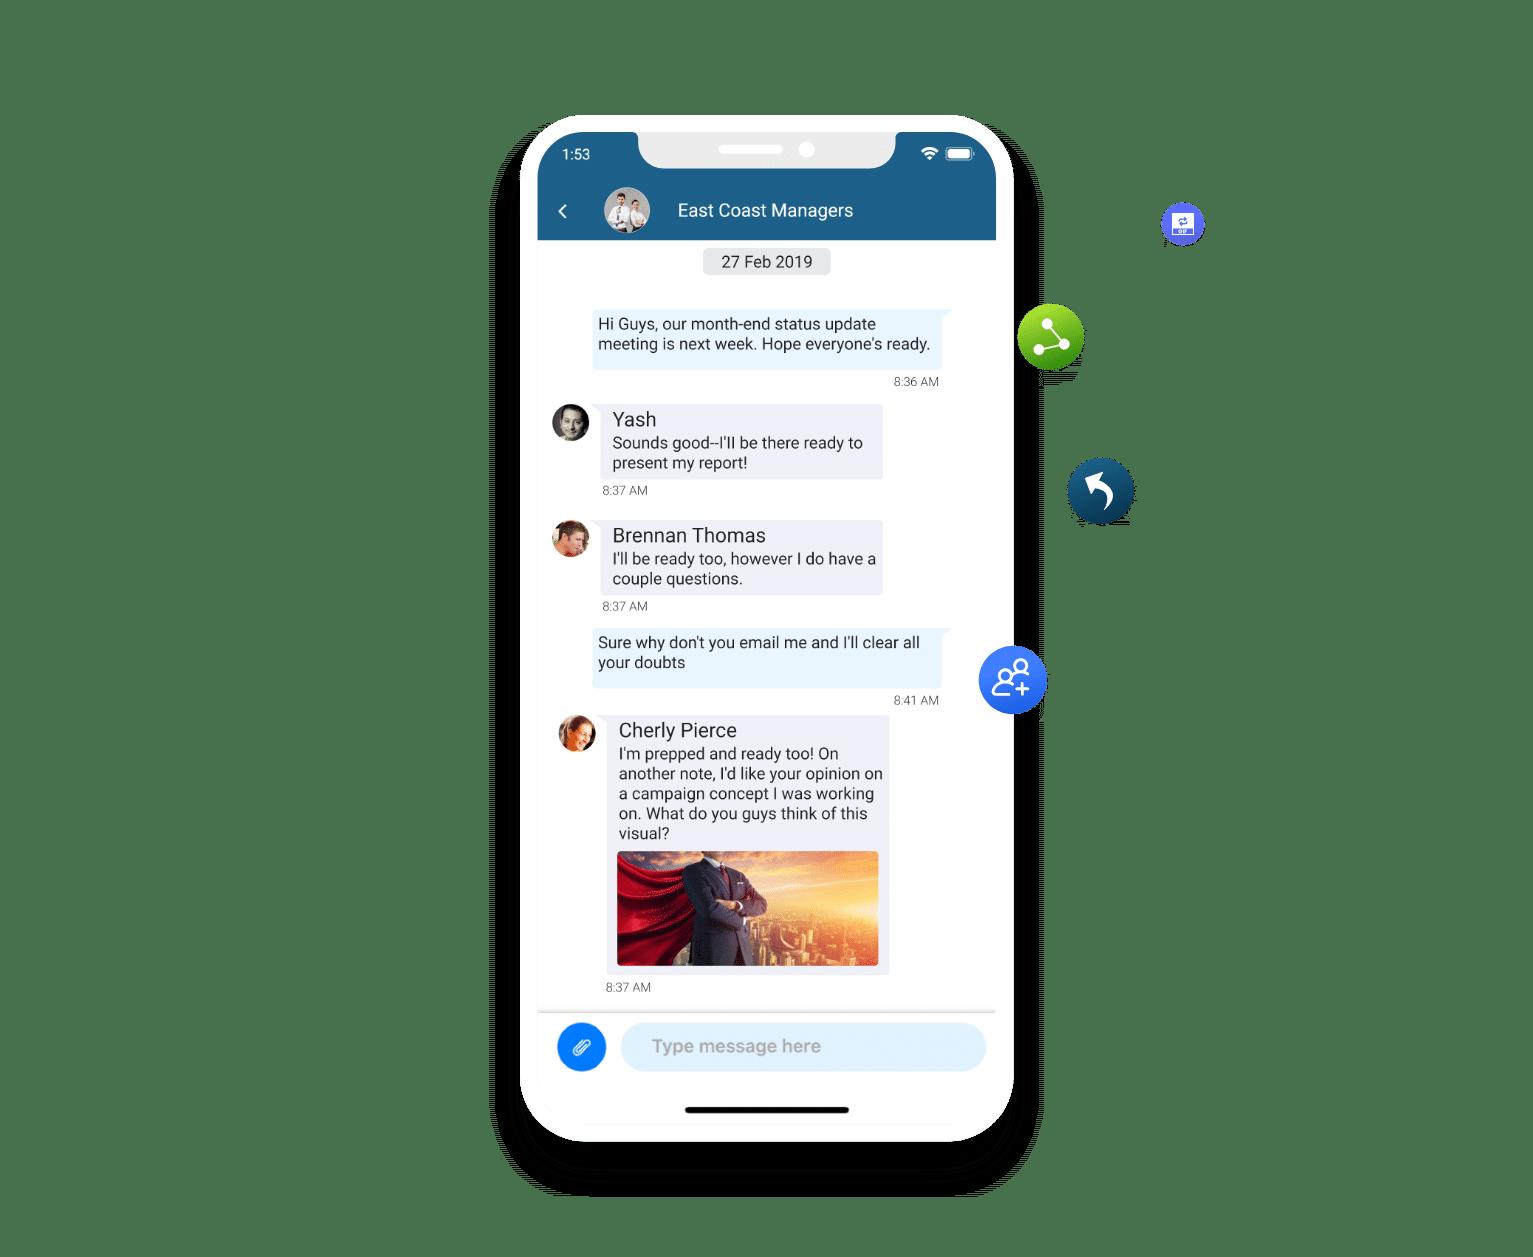 peer to peer and group messaging capabilities